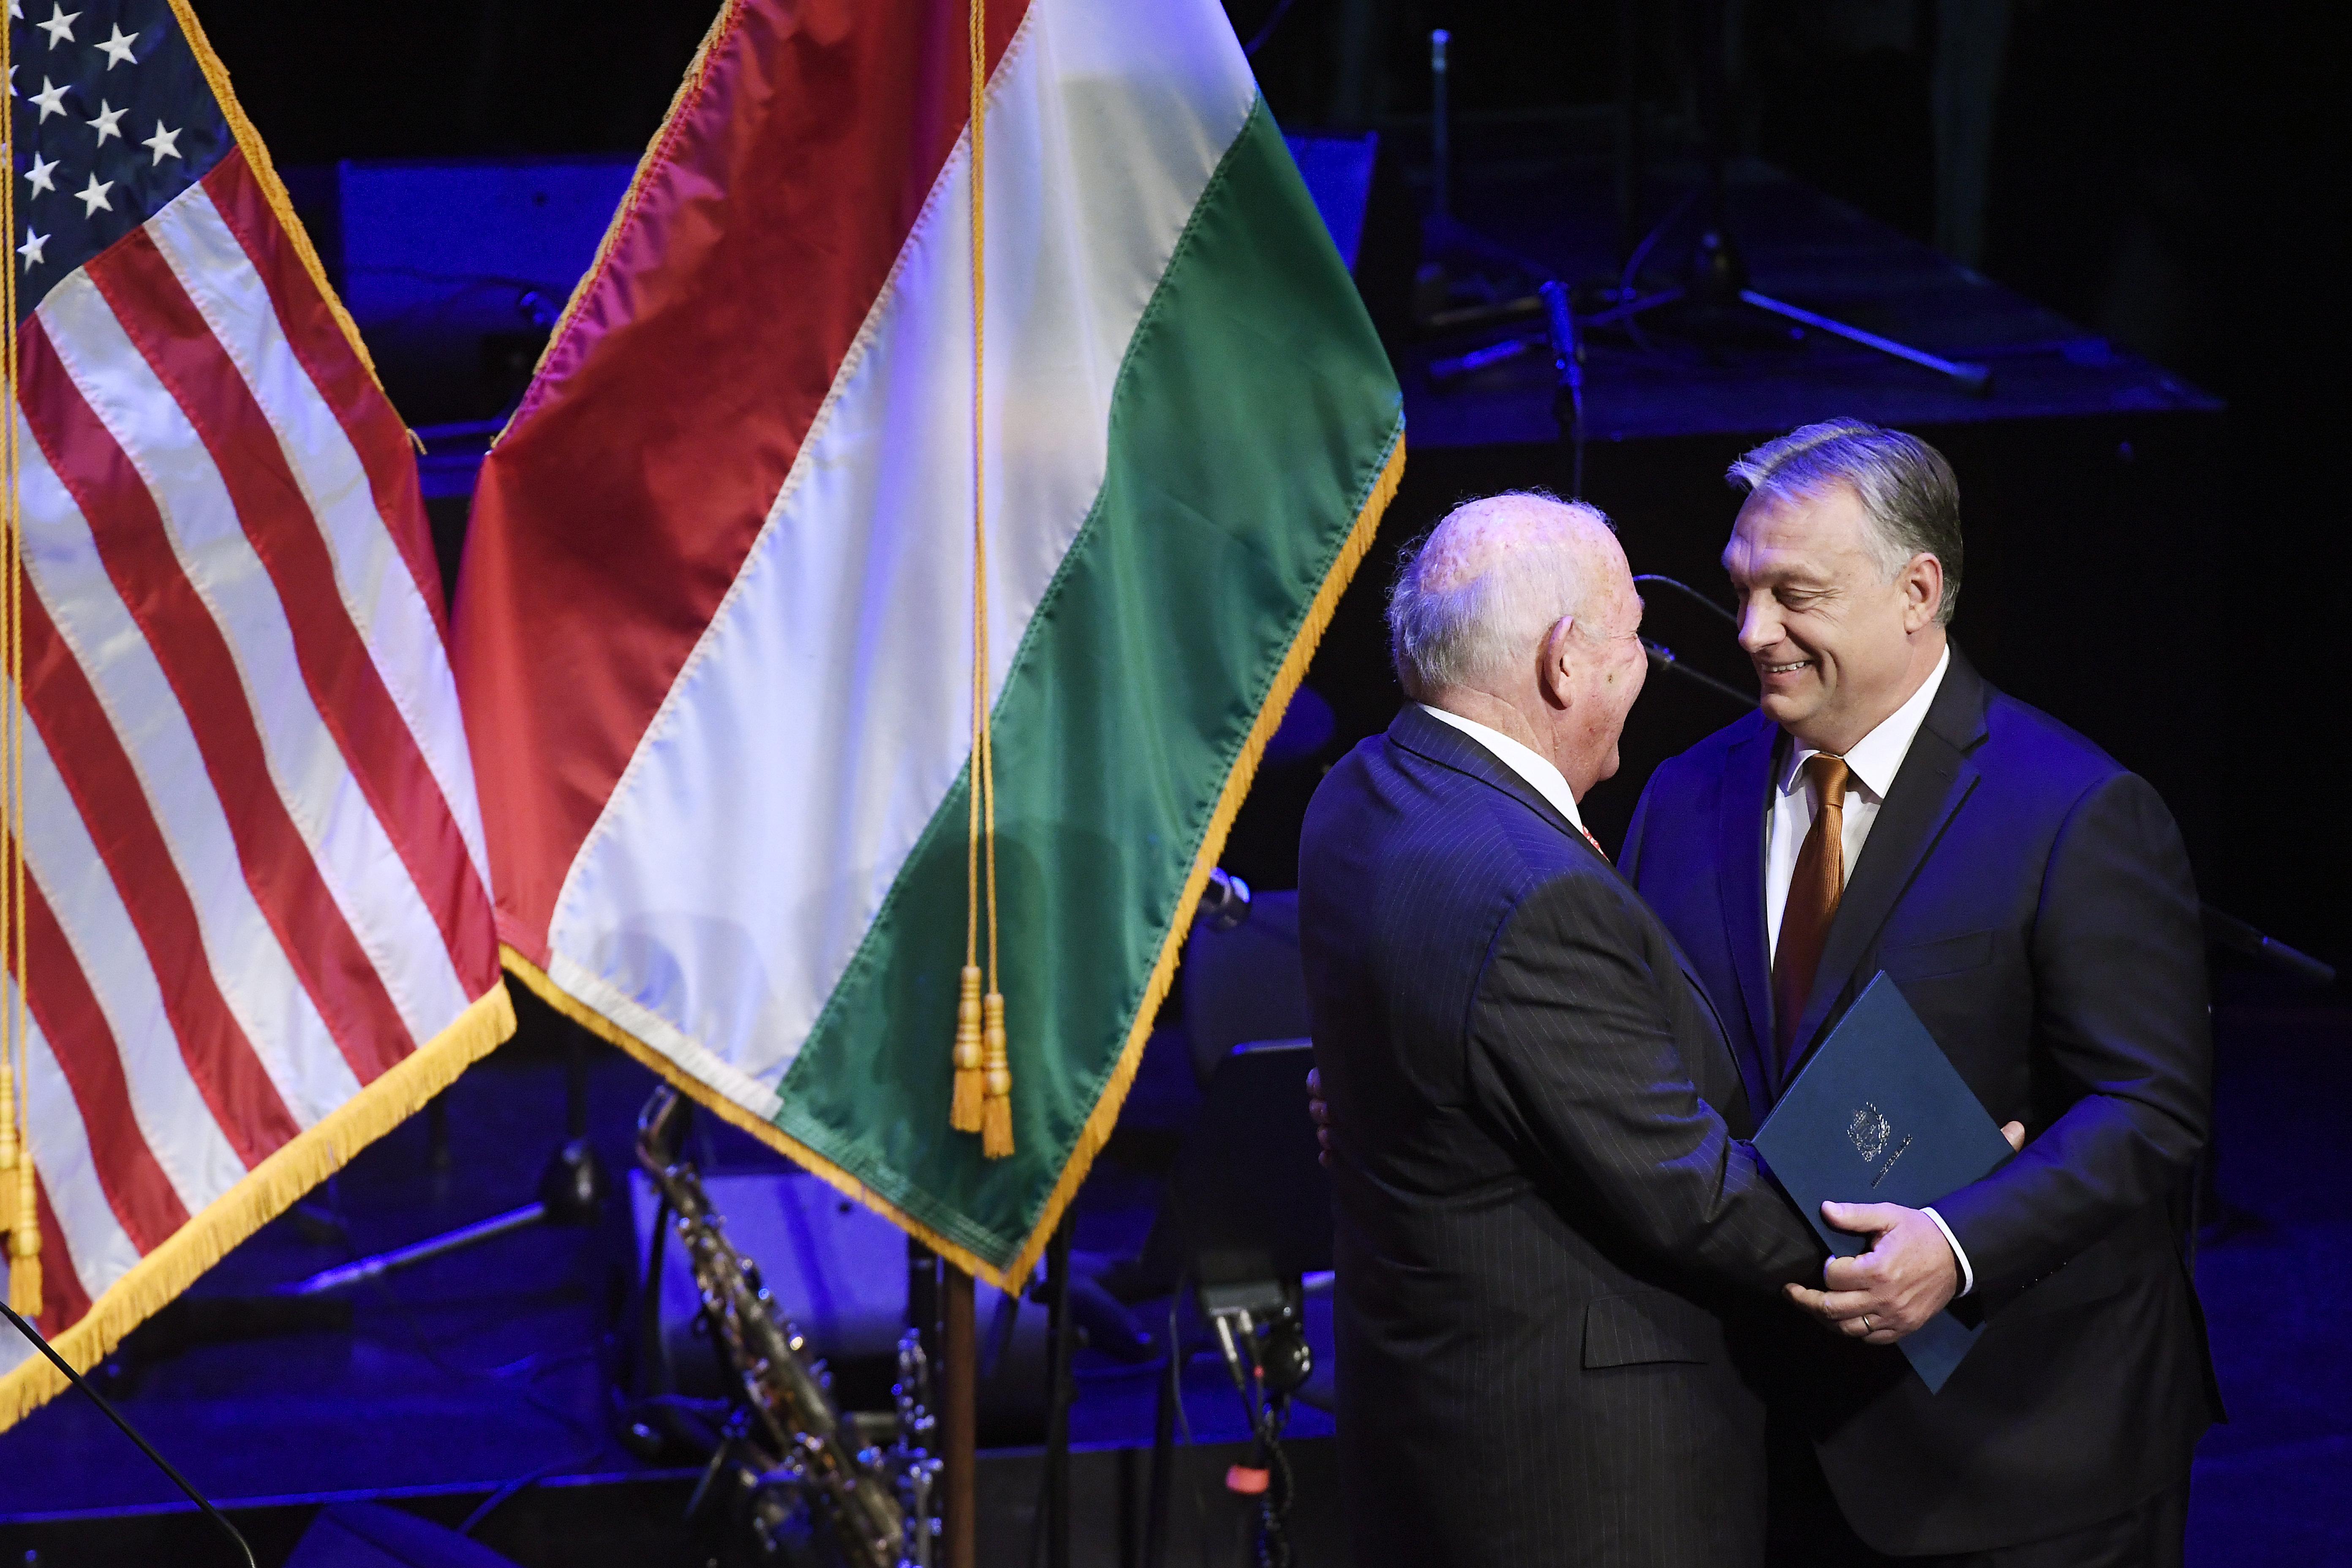 Amerikai szenátorok aggódnak, hogy Cornstein nagykövet akadályozni próbálja a Magyarországra visszatérő Szabad Európa Rádió munkáját